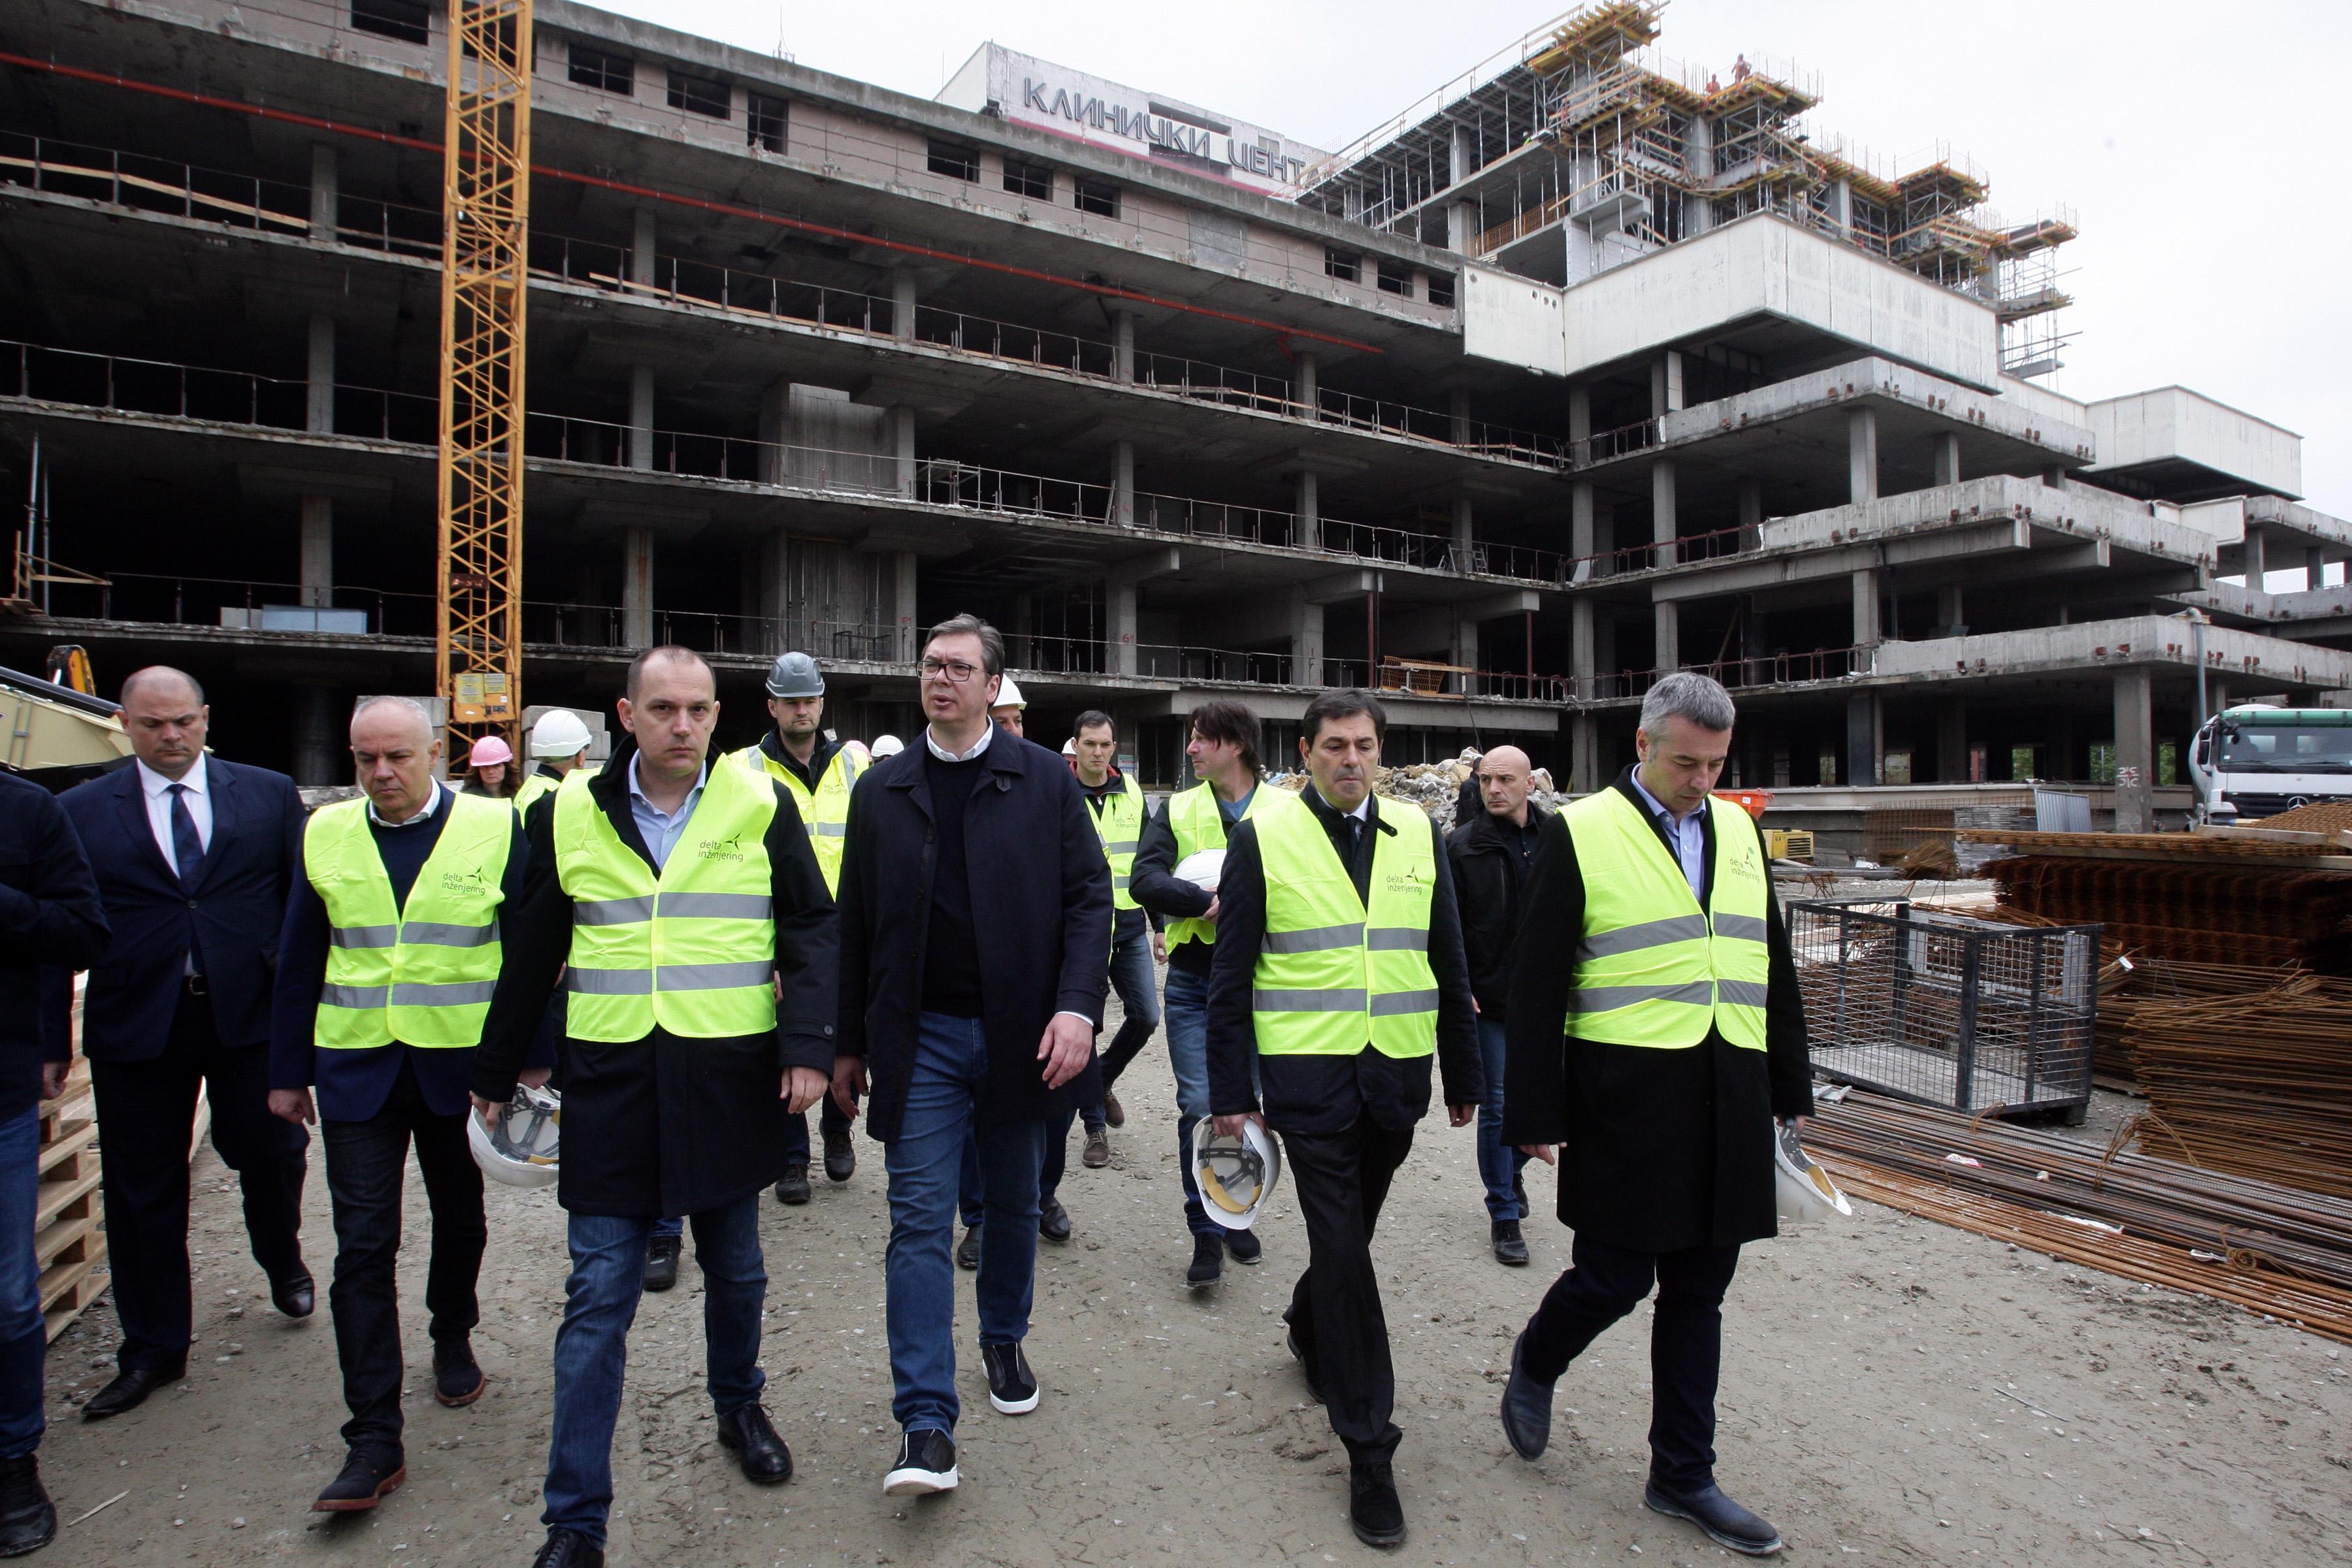 Predsednik Srbije Aleksandar Vucic sa ministrom zdravlja Zlatiborom Lonacar u poseti Klinickom centru Srbije.